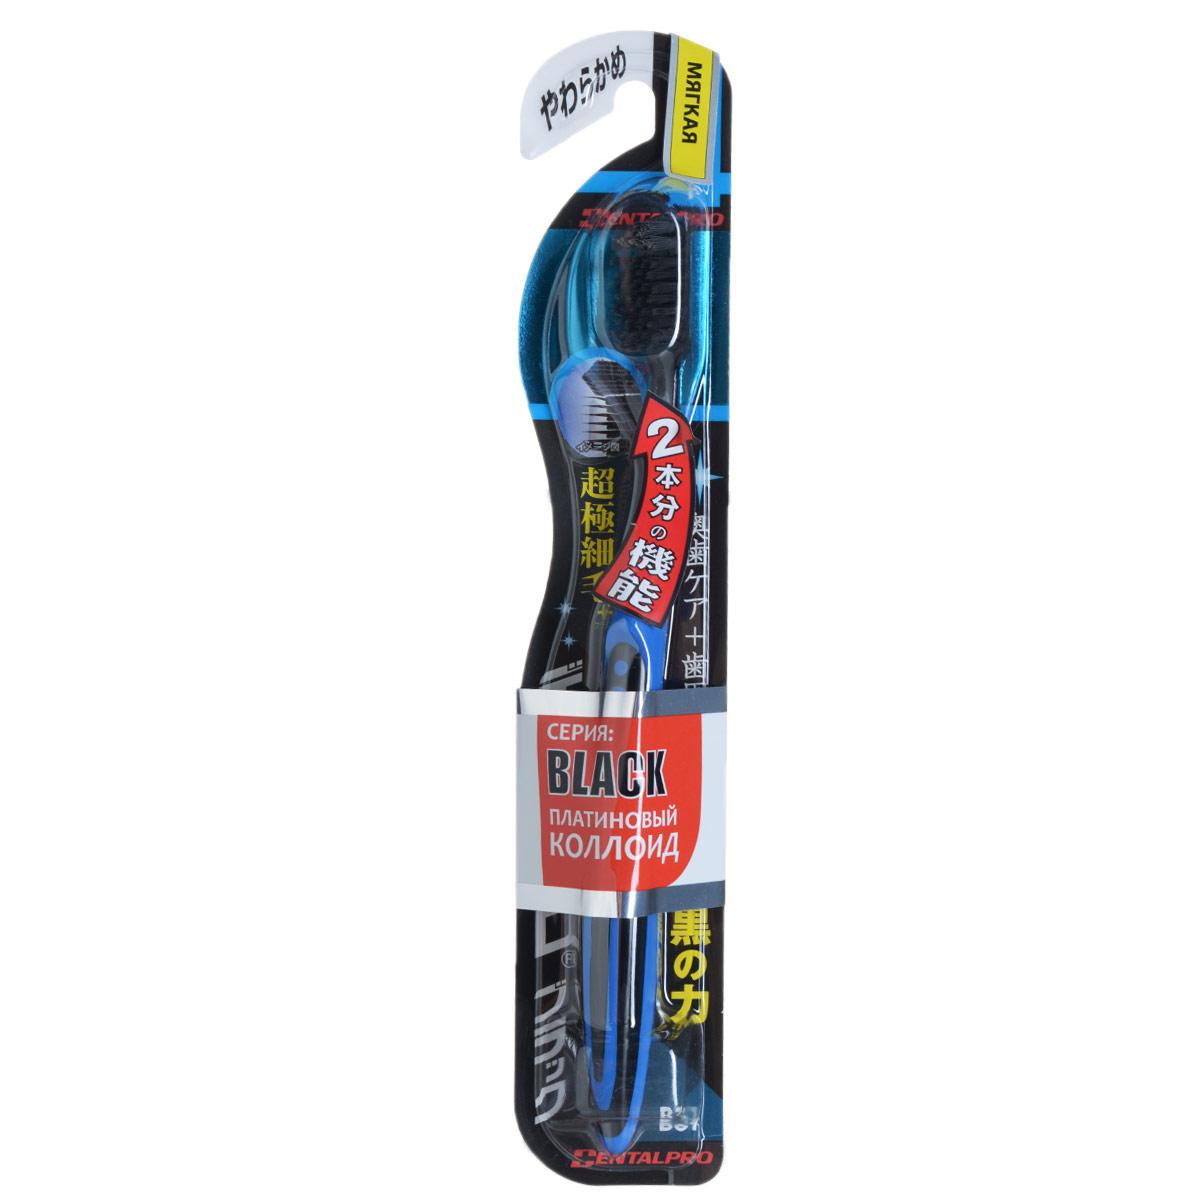 Dentalpro Зубная щетка Black Ultra Slim Plus, мягкая, цвет: синий121154_синийDentalpro Black Ultra Slim Plus - зубная щетка с мягкой щетиной. Платиновая коллоидная керамика в составе щетинок позволяет эффективно ухаживать за полостью рта даже без использования зубной пасты. Высокая плотность щетинок в верхней части позволяет удалять загрязнения с дальних зубов и труднодоступных мест. Очистка с технологией PCC на 15% результативнее, а также очистка пародонтального кармана происходит эффективнее благодаря ультратонким щетинкам.Товар сертифицирован.Состав: полипропилен, EPMD.